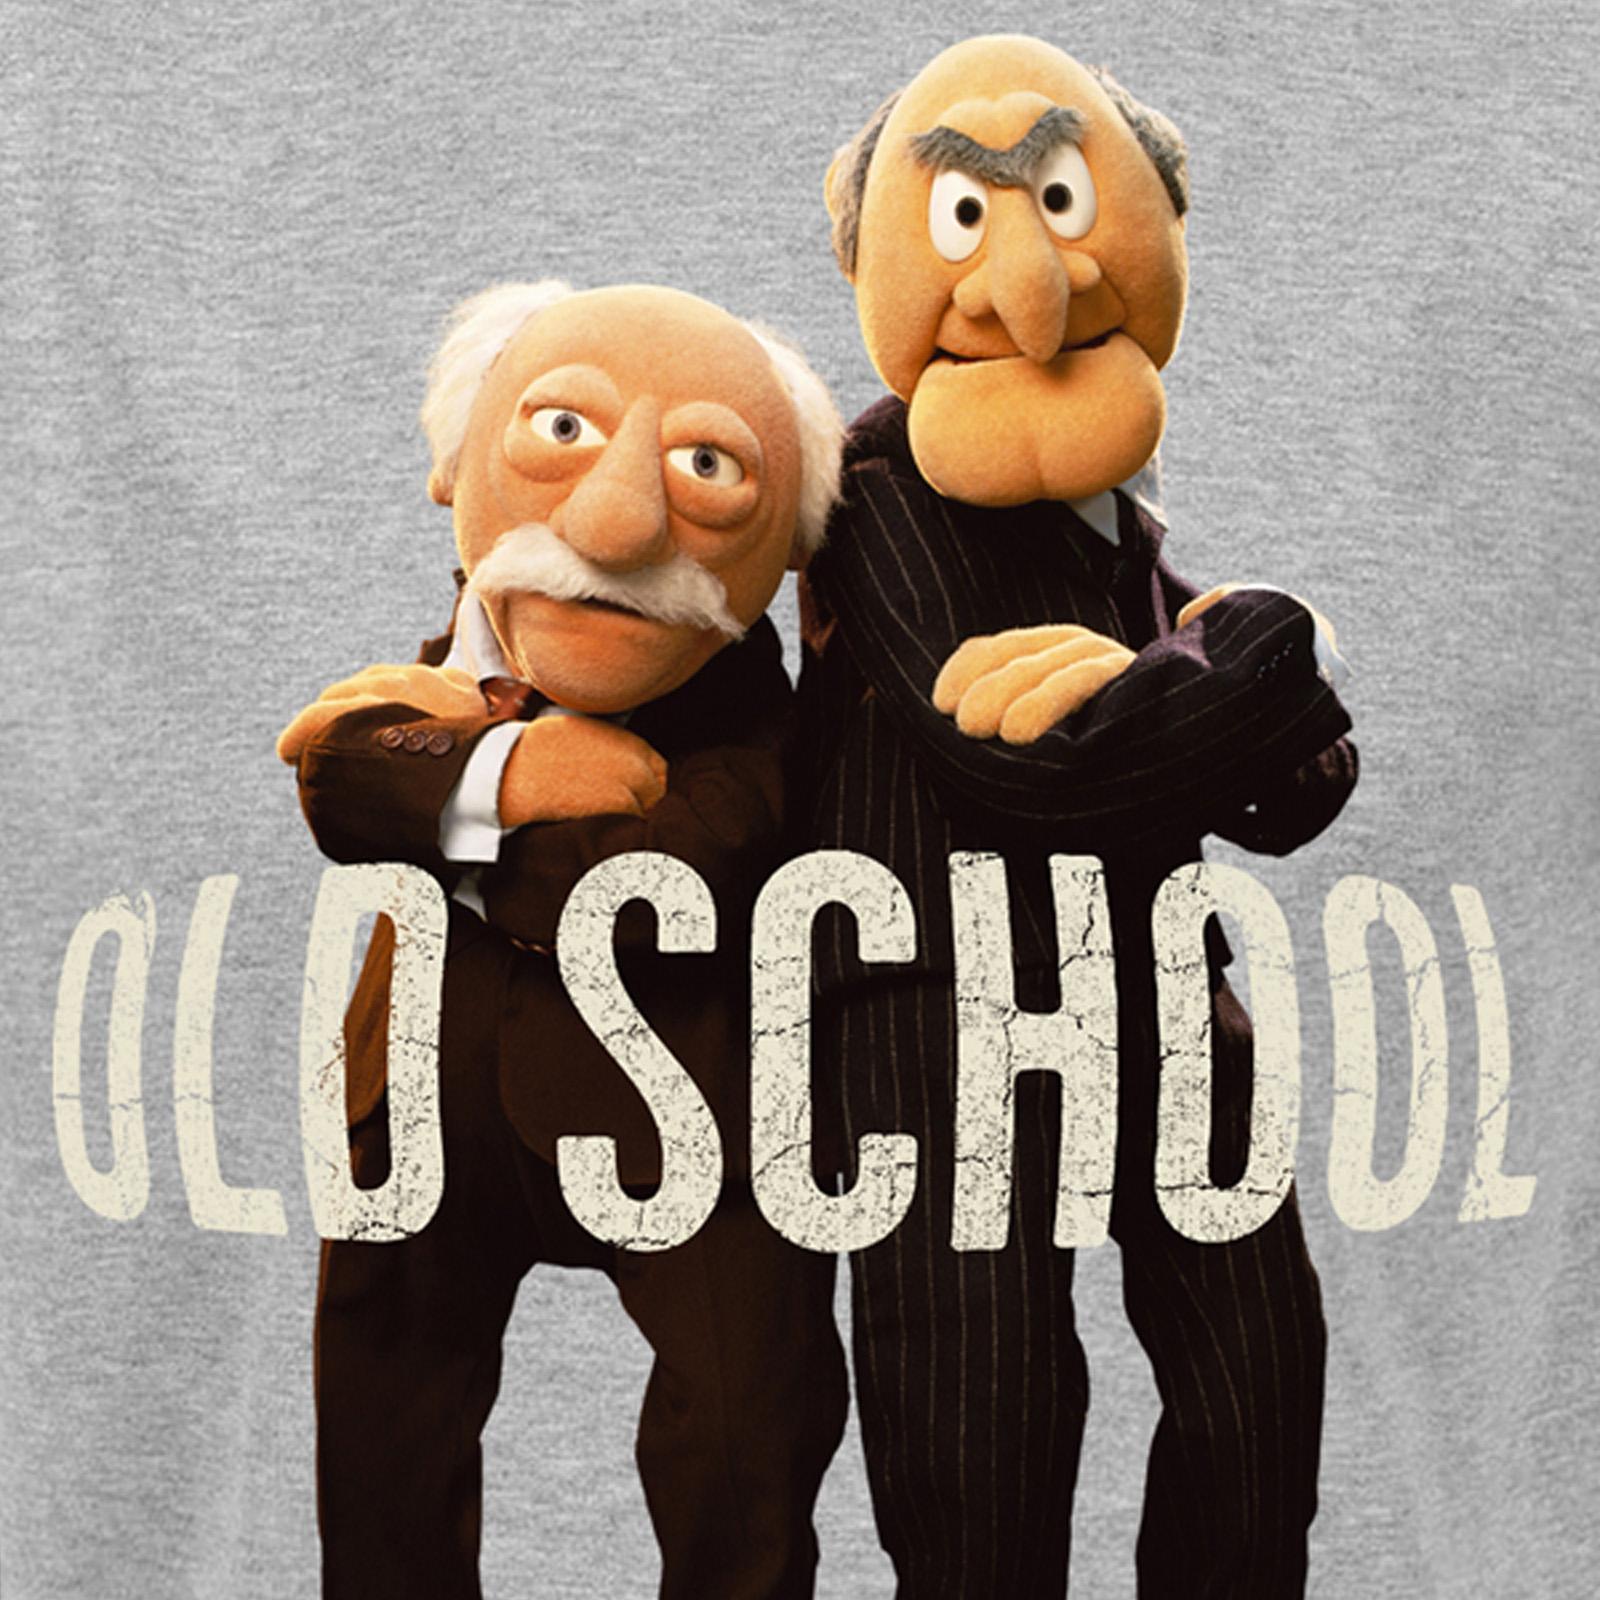 Muppet Show Opas Balkon